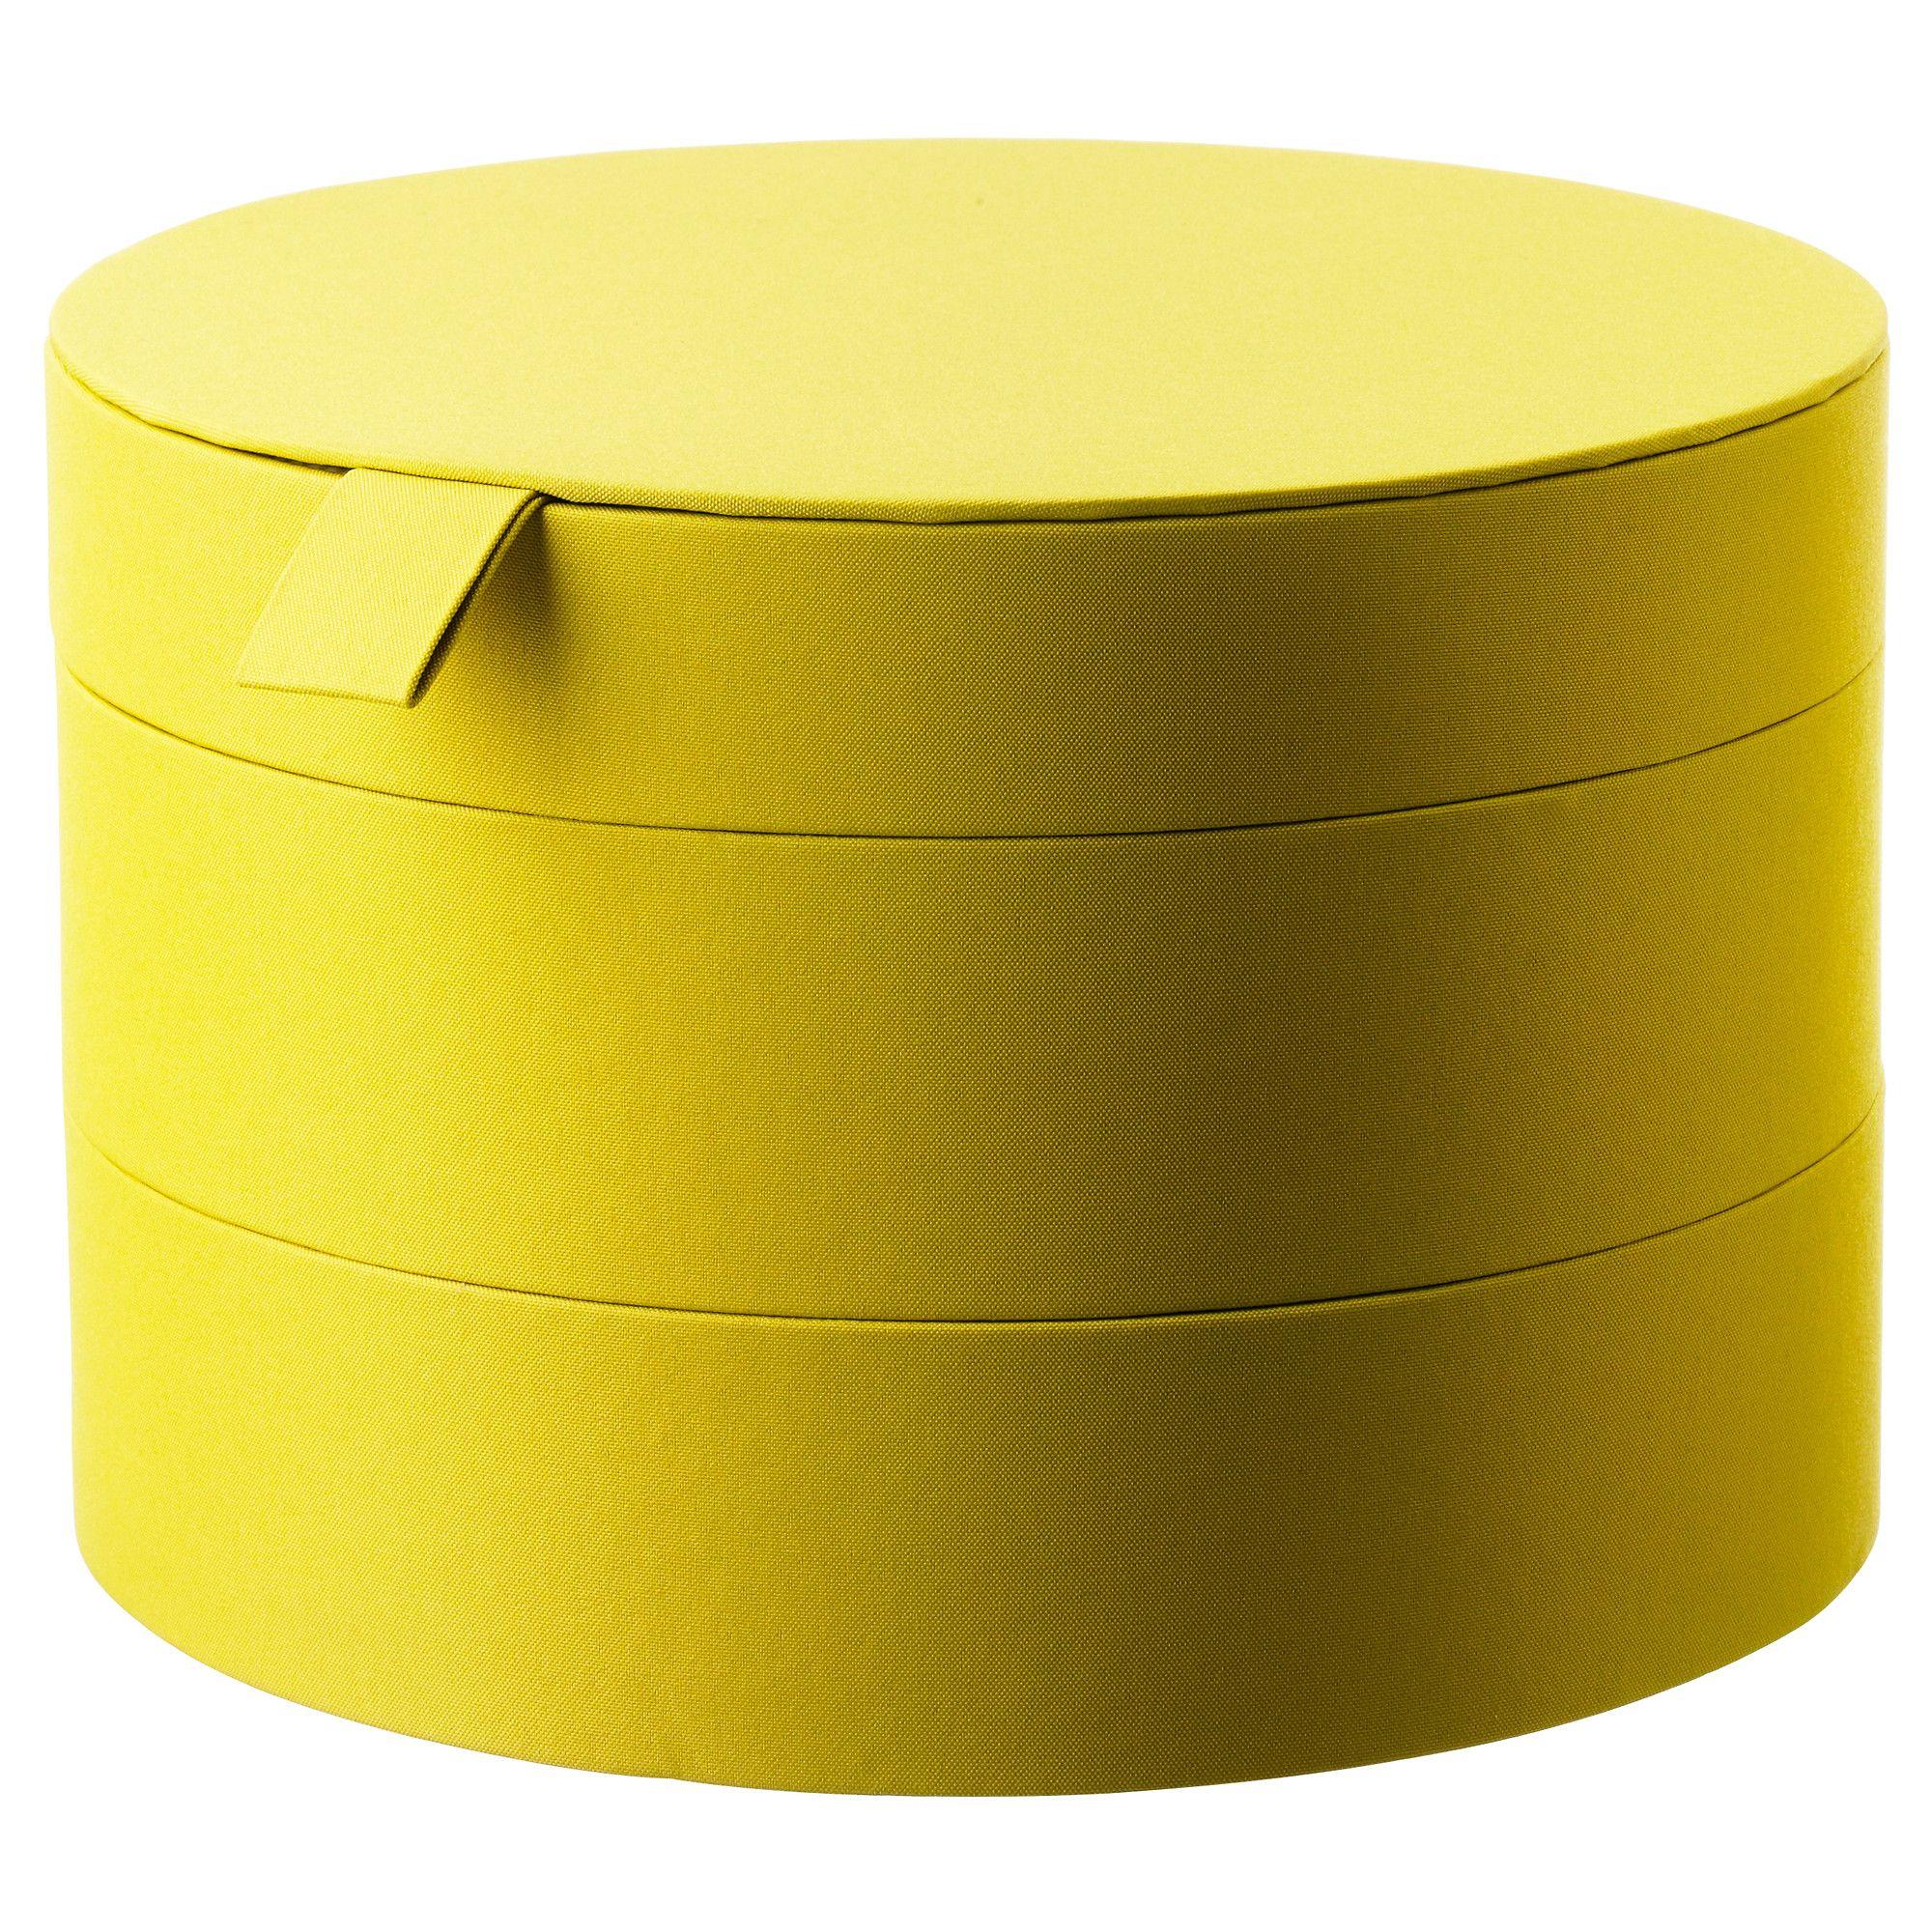 2379fec72b16646bd56947323ec255c1 Impressionnant De Table Ronde Ikea Conception